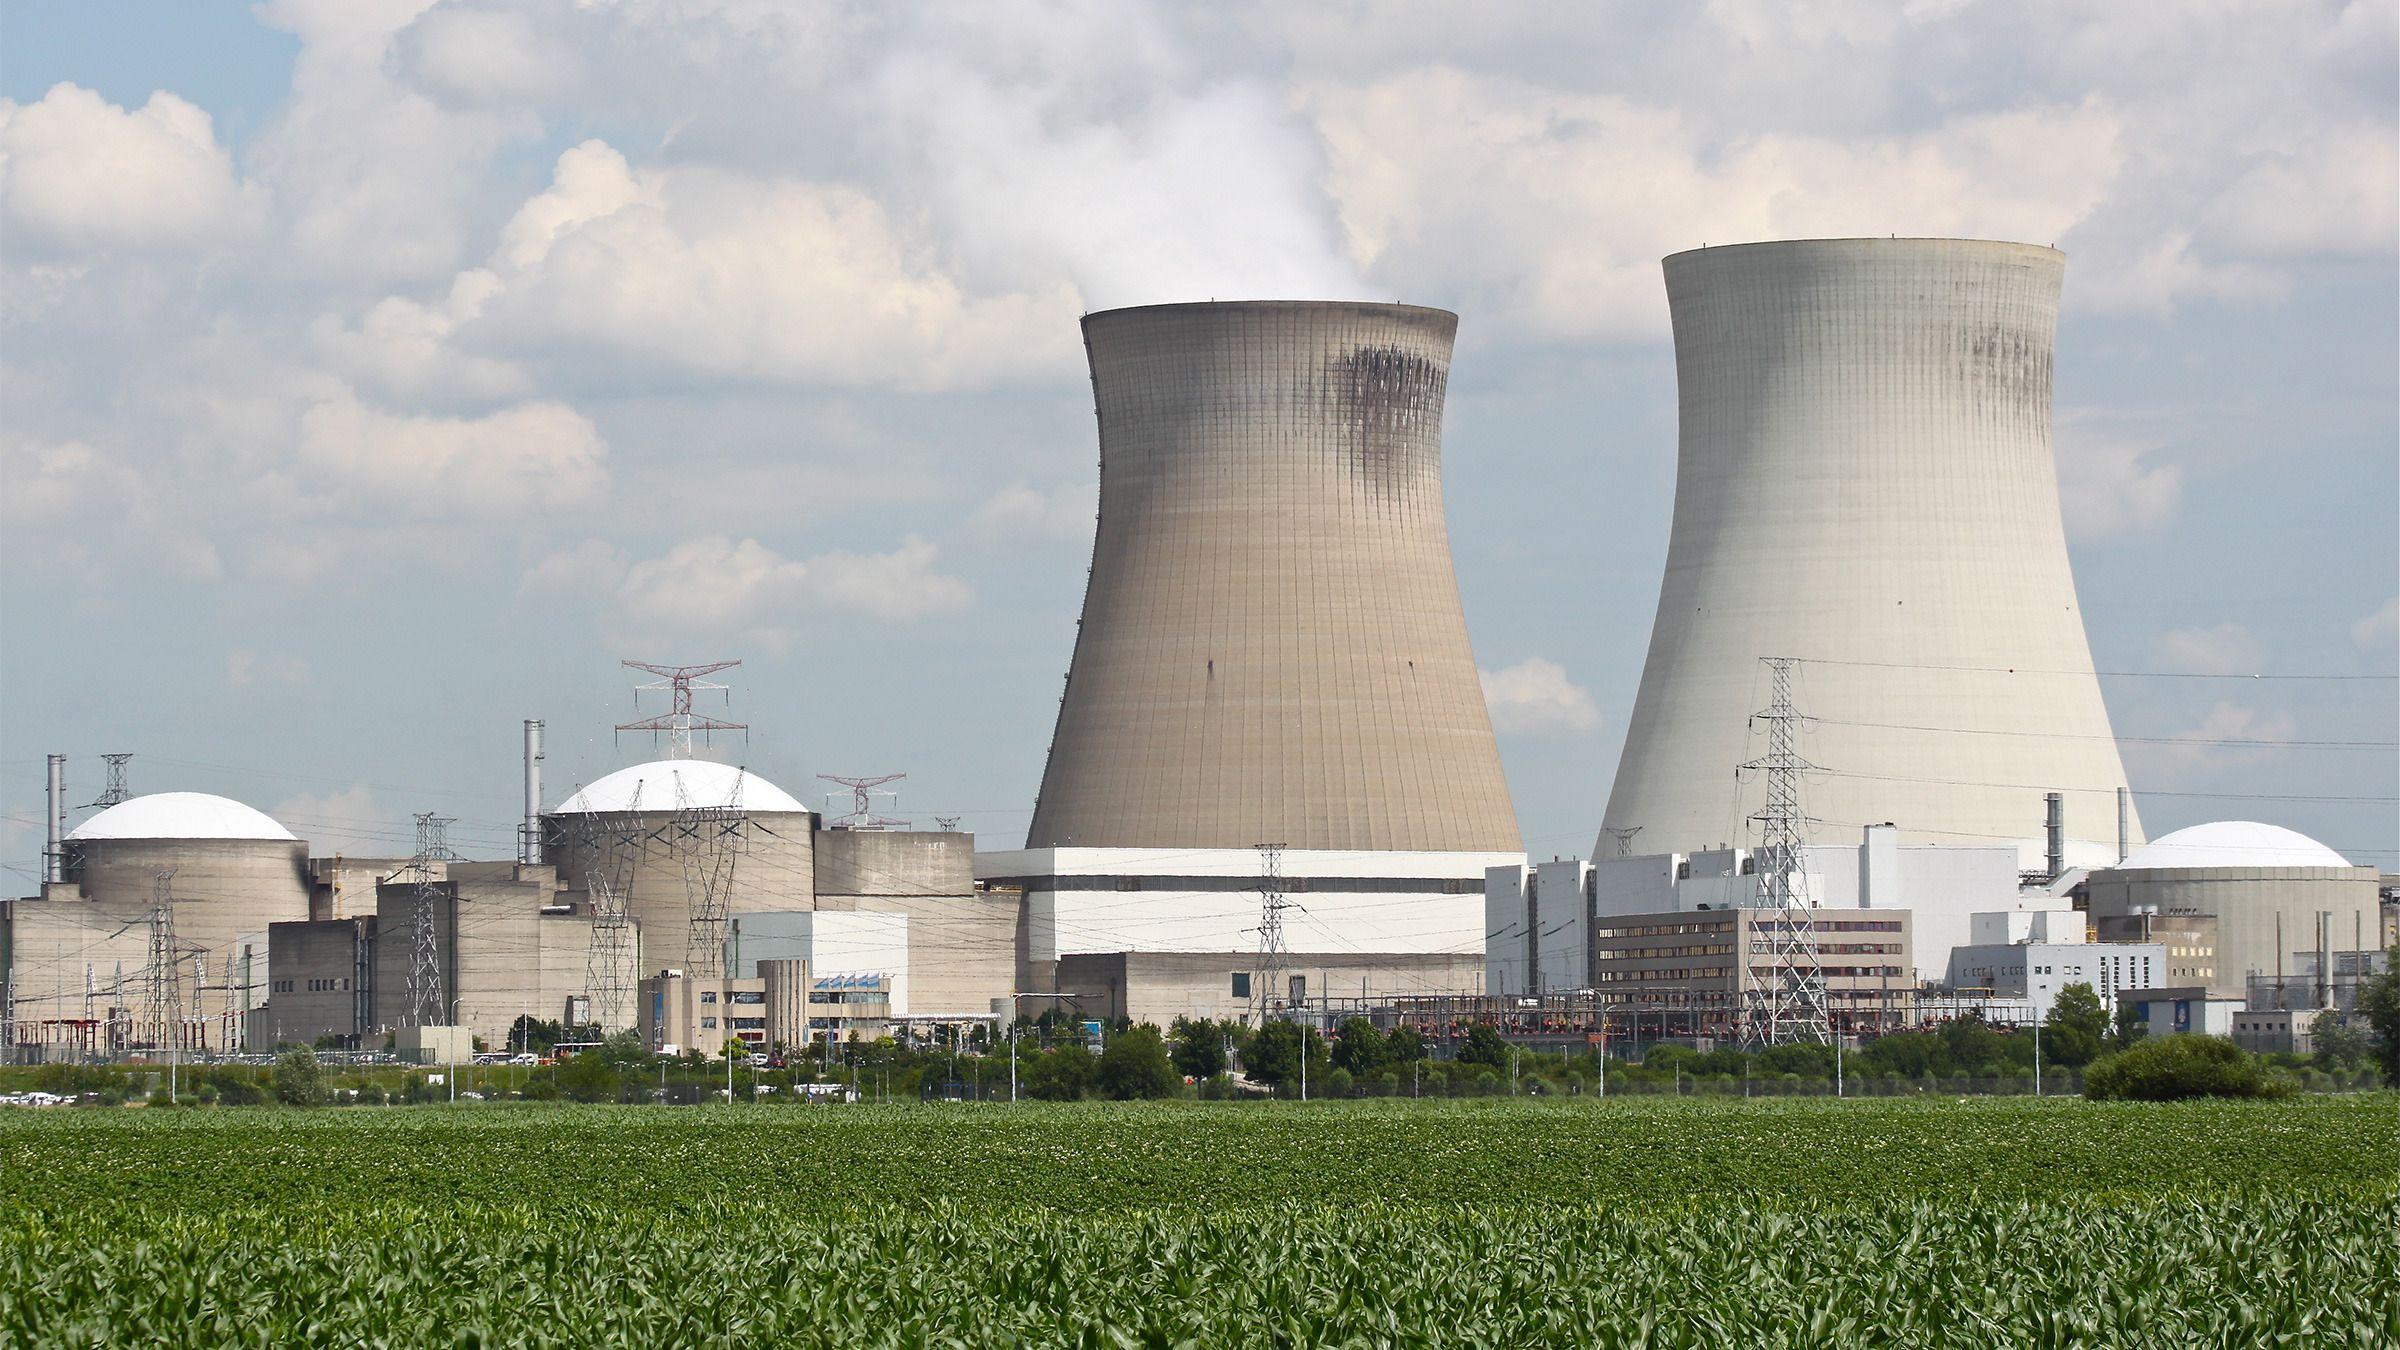 Selv om vanlige fisjonbaserte atomkraftverk bare slipper ut vanndamp, og stort sett er svært trygge, er det mange som er skeptiske til dem – for hvis det først går galt med et slikt, kan det gå fryktelig galt. Med fusjon slipper man den risikoen, men fusjonsreaktorer er enn så lenge bare en teoretisk mulighet.Foto: Shutterstock 106783052